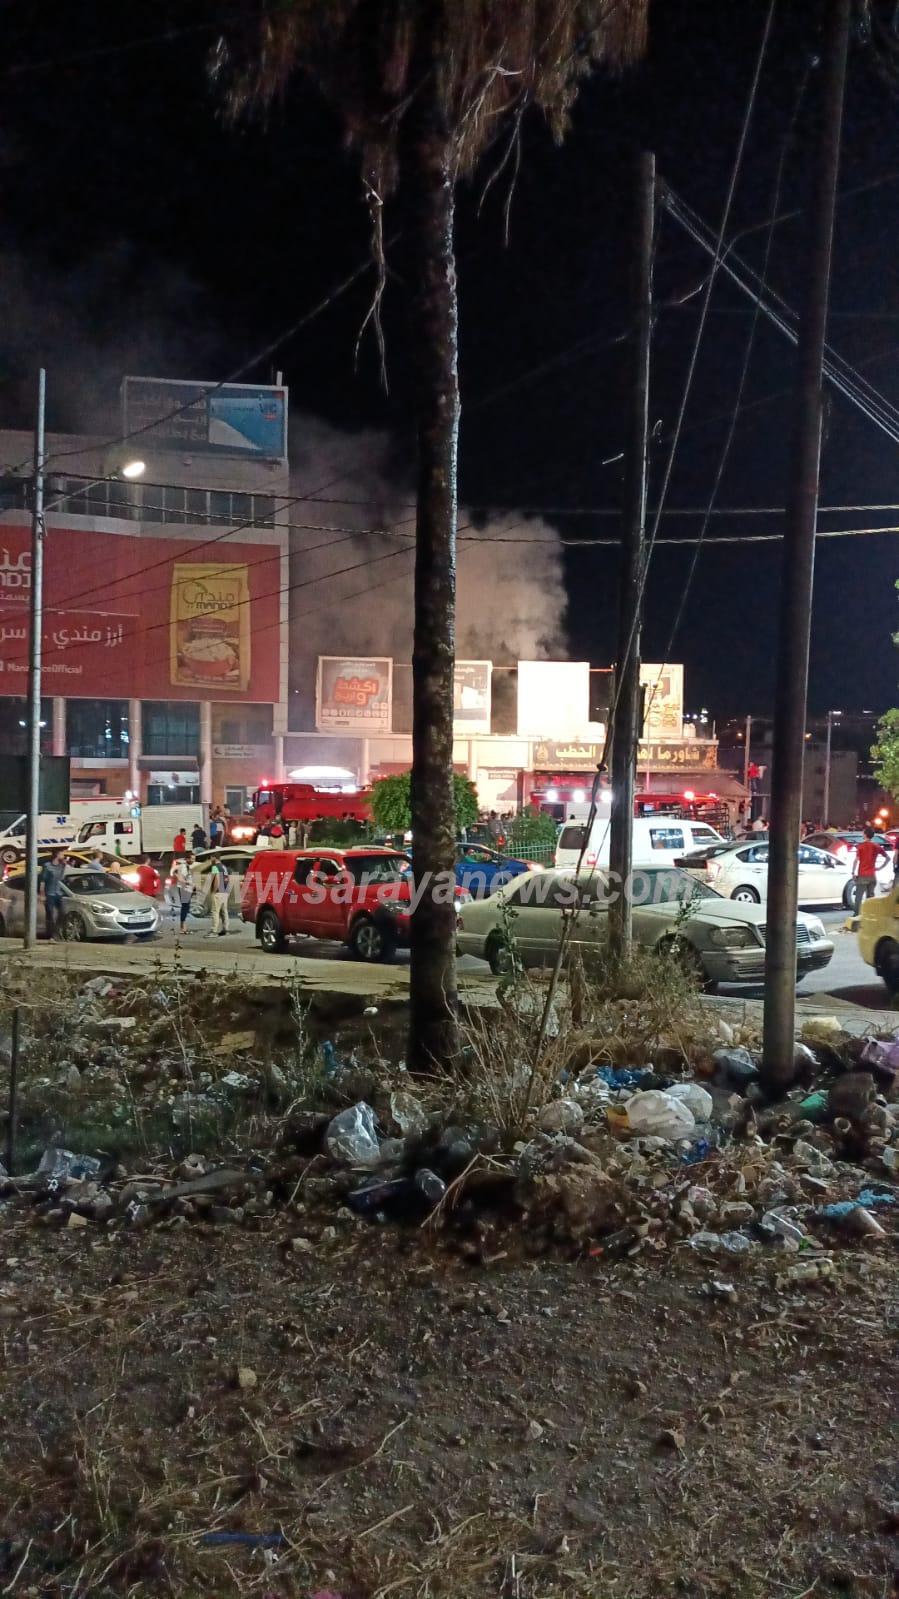 الدفاع المدني يتعامل مع حريق محدود داخل مطعم في اربد ..  صورة